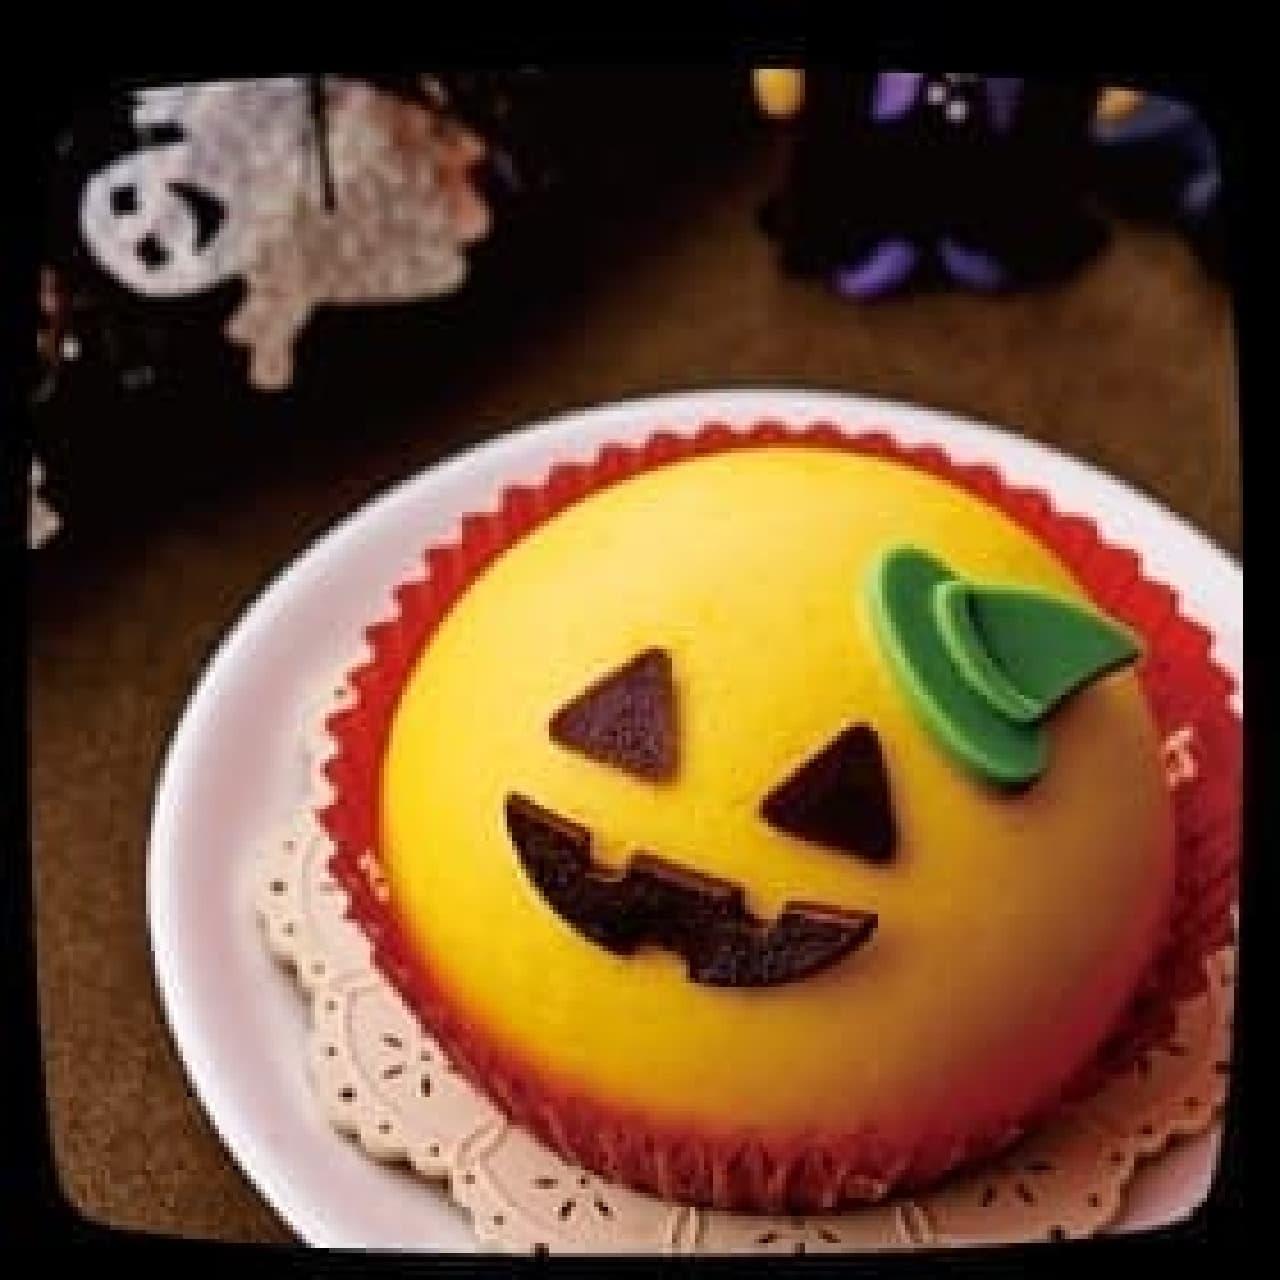 セブン-イレブン「ハロウィン かぼちゃとチョコのケーキ」